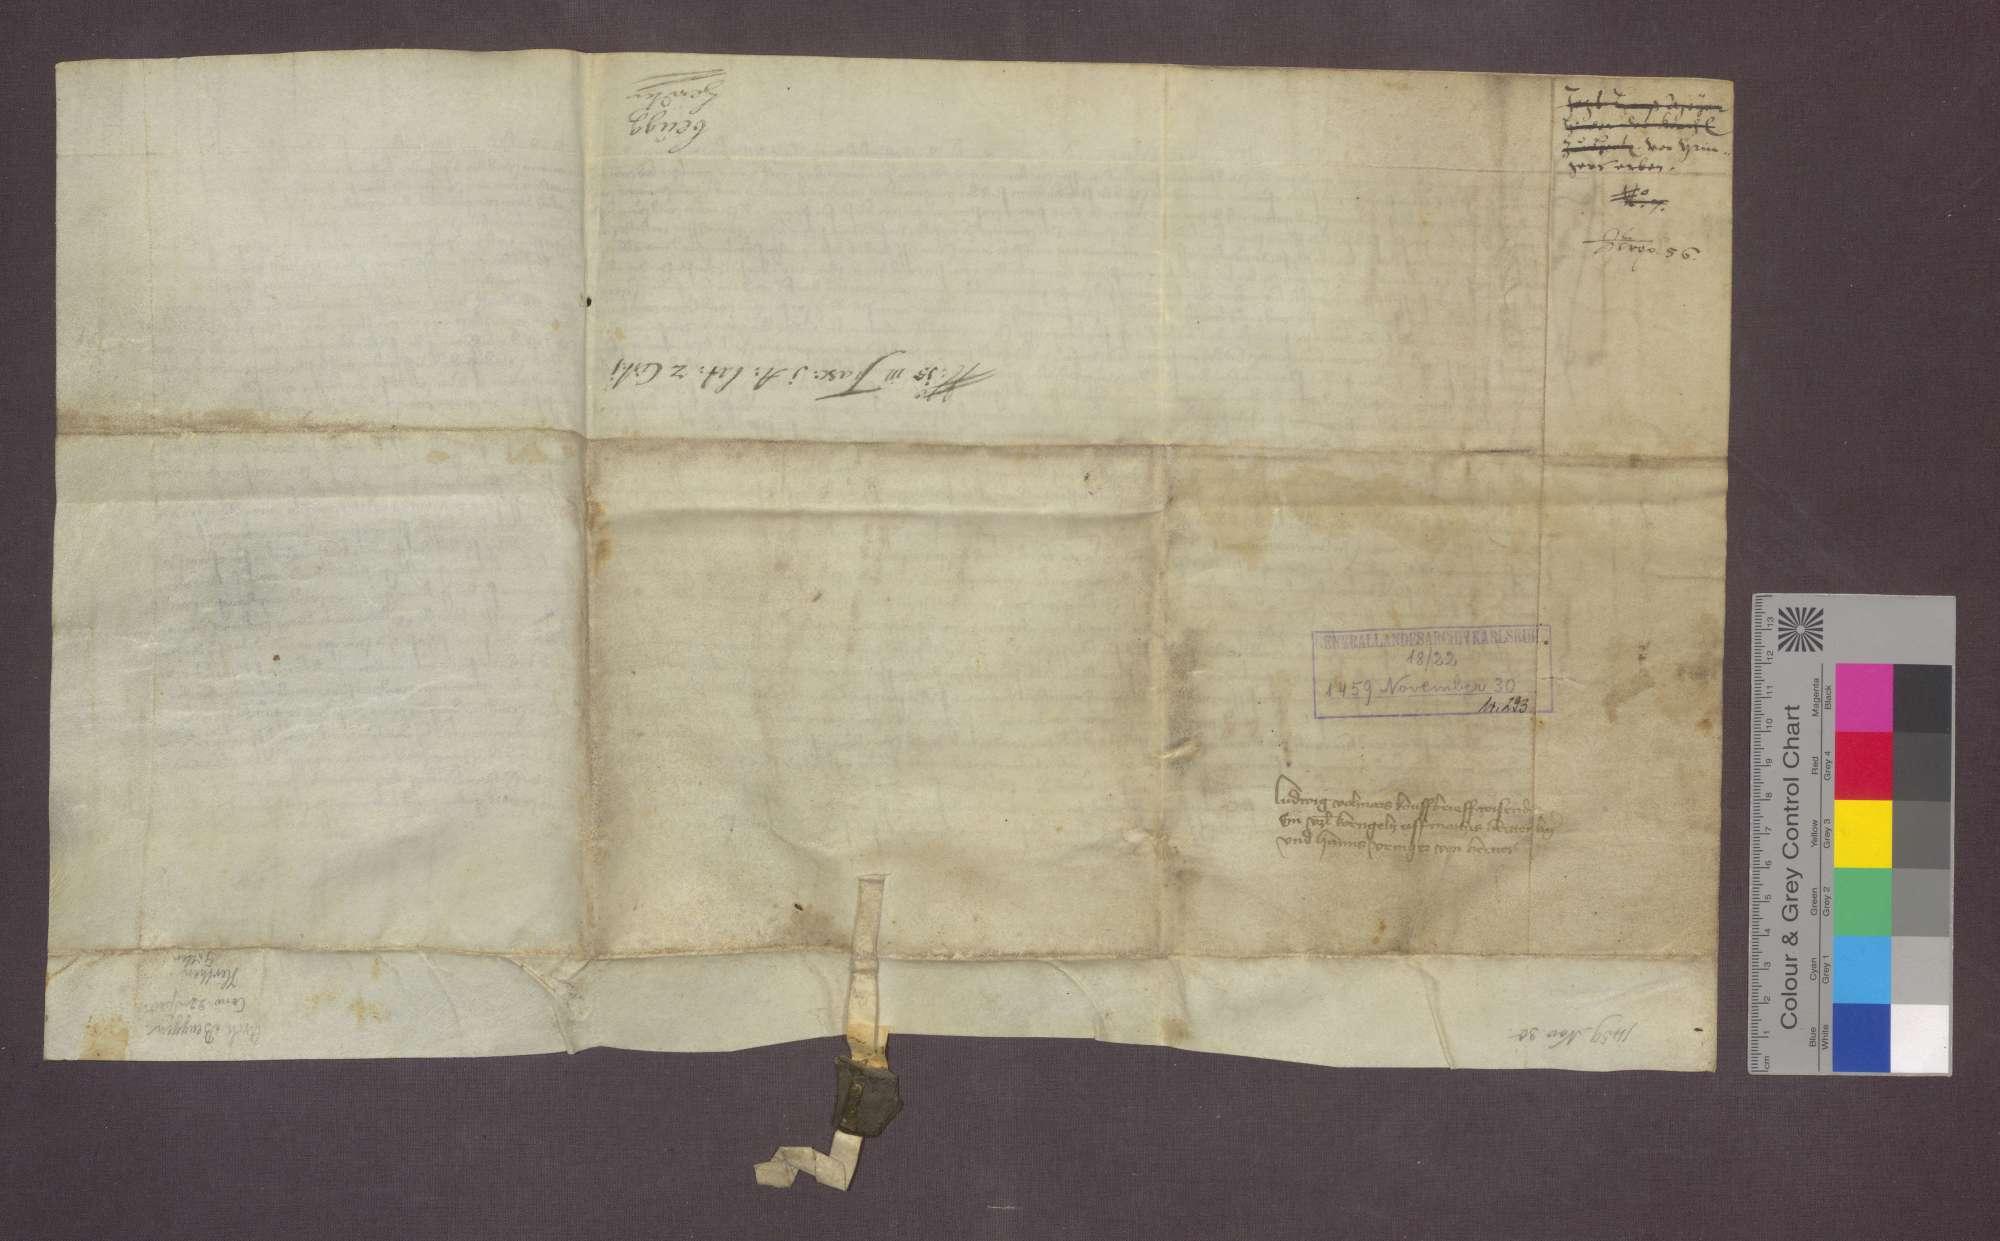 Matthias Hertenberg und Hans Veinger von Herten verkaufen an Ludwig Volmar zu Rheinfelden eine Gült von 1 Viernzel Korn von Gütern zu Herten um 10 Gulden., Bild 2